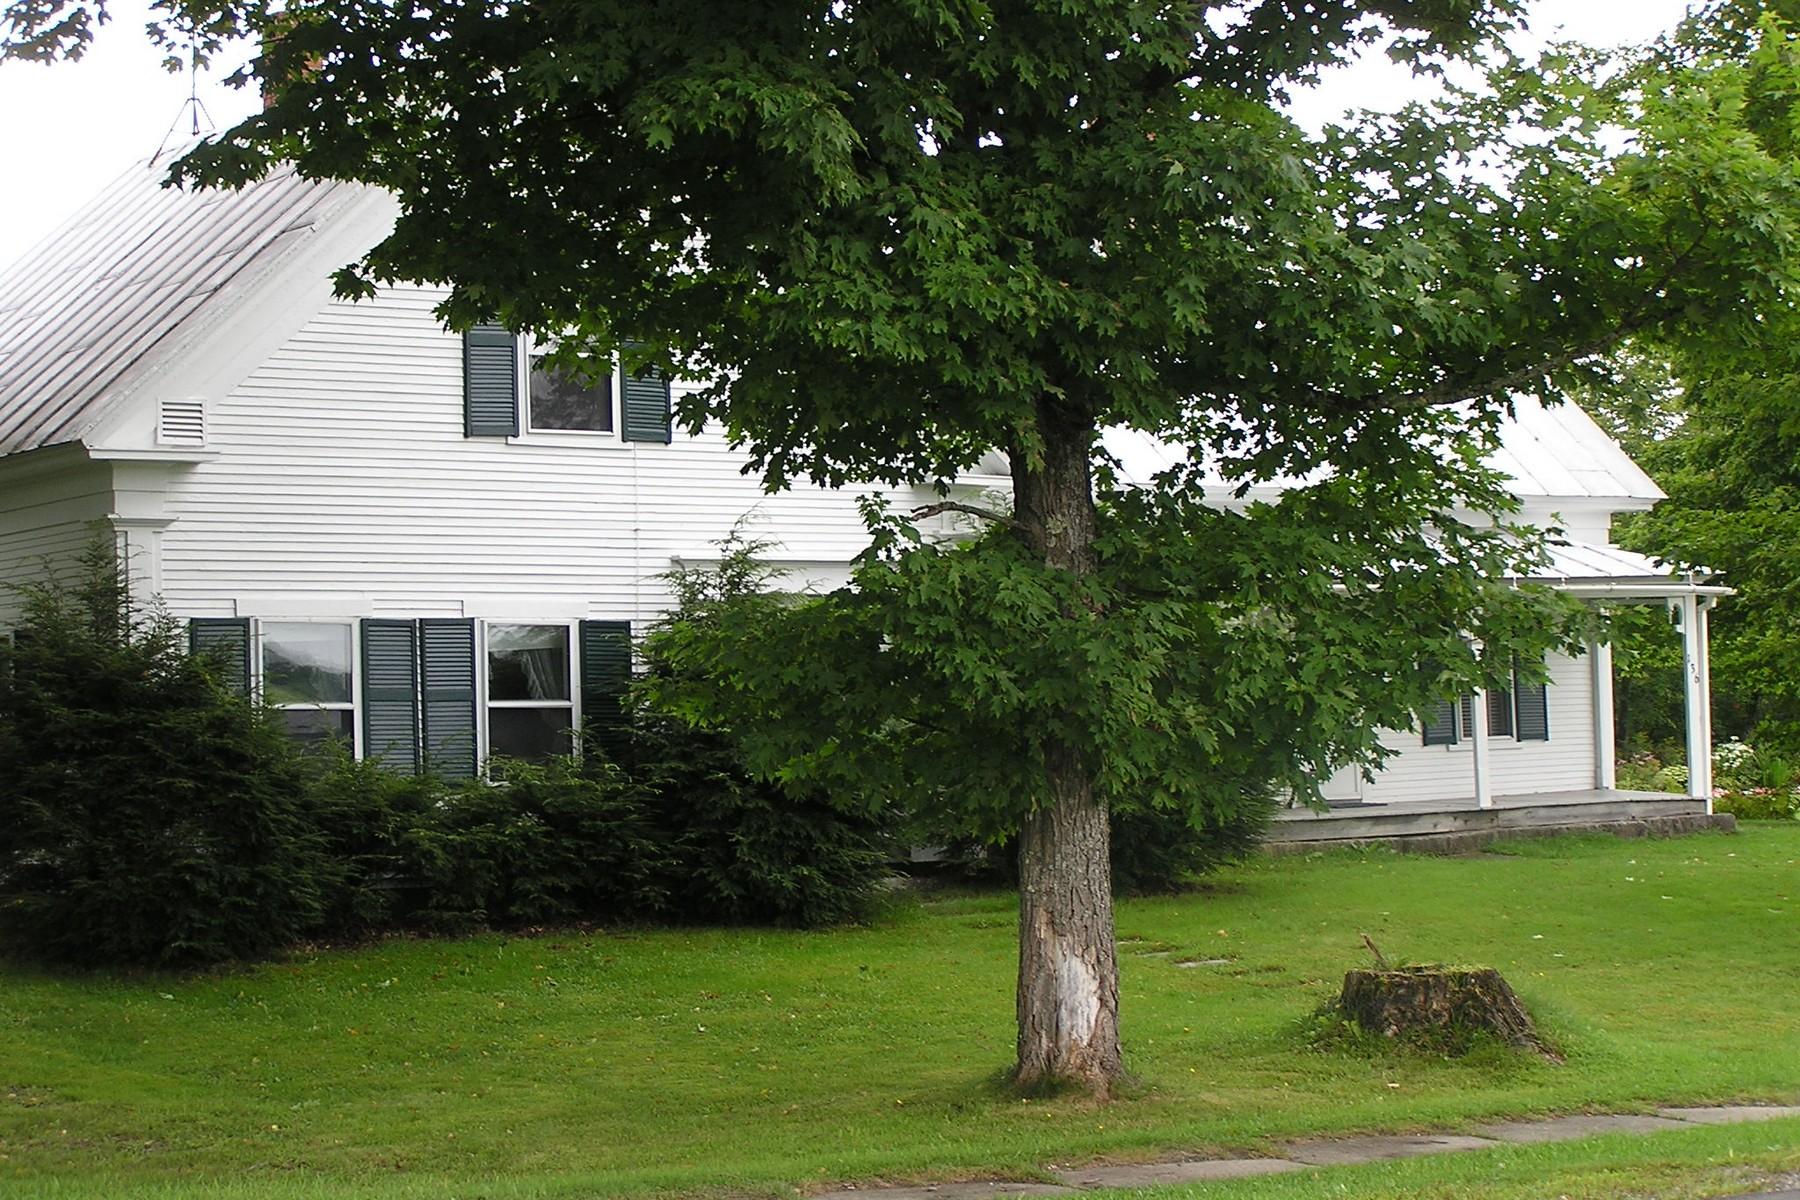 Casa Unifamiliar por un Venta en 136 Breezy Ave, Greensboro Greensboro, Vermont 05841 Estados Unidos